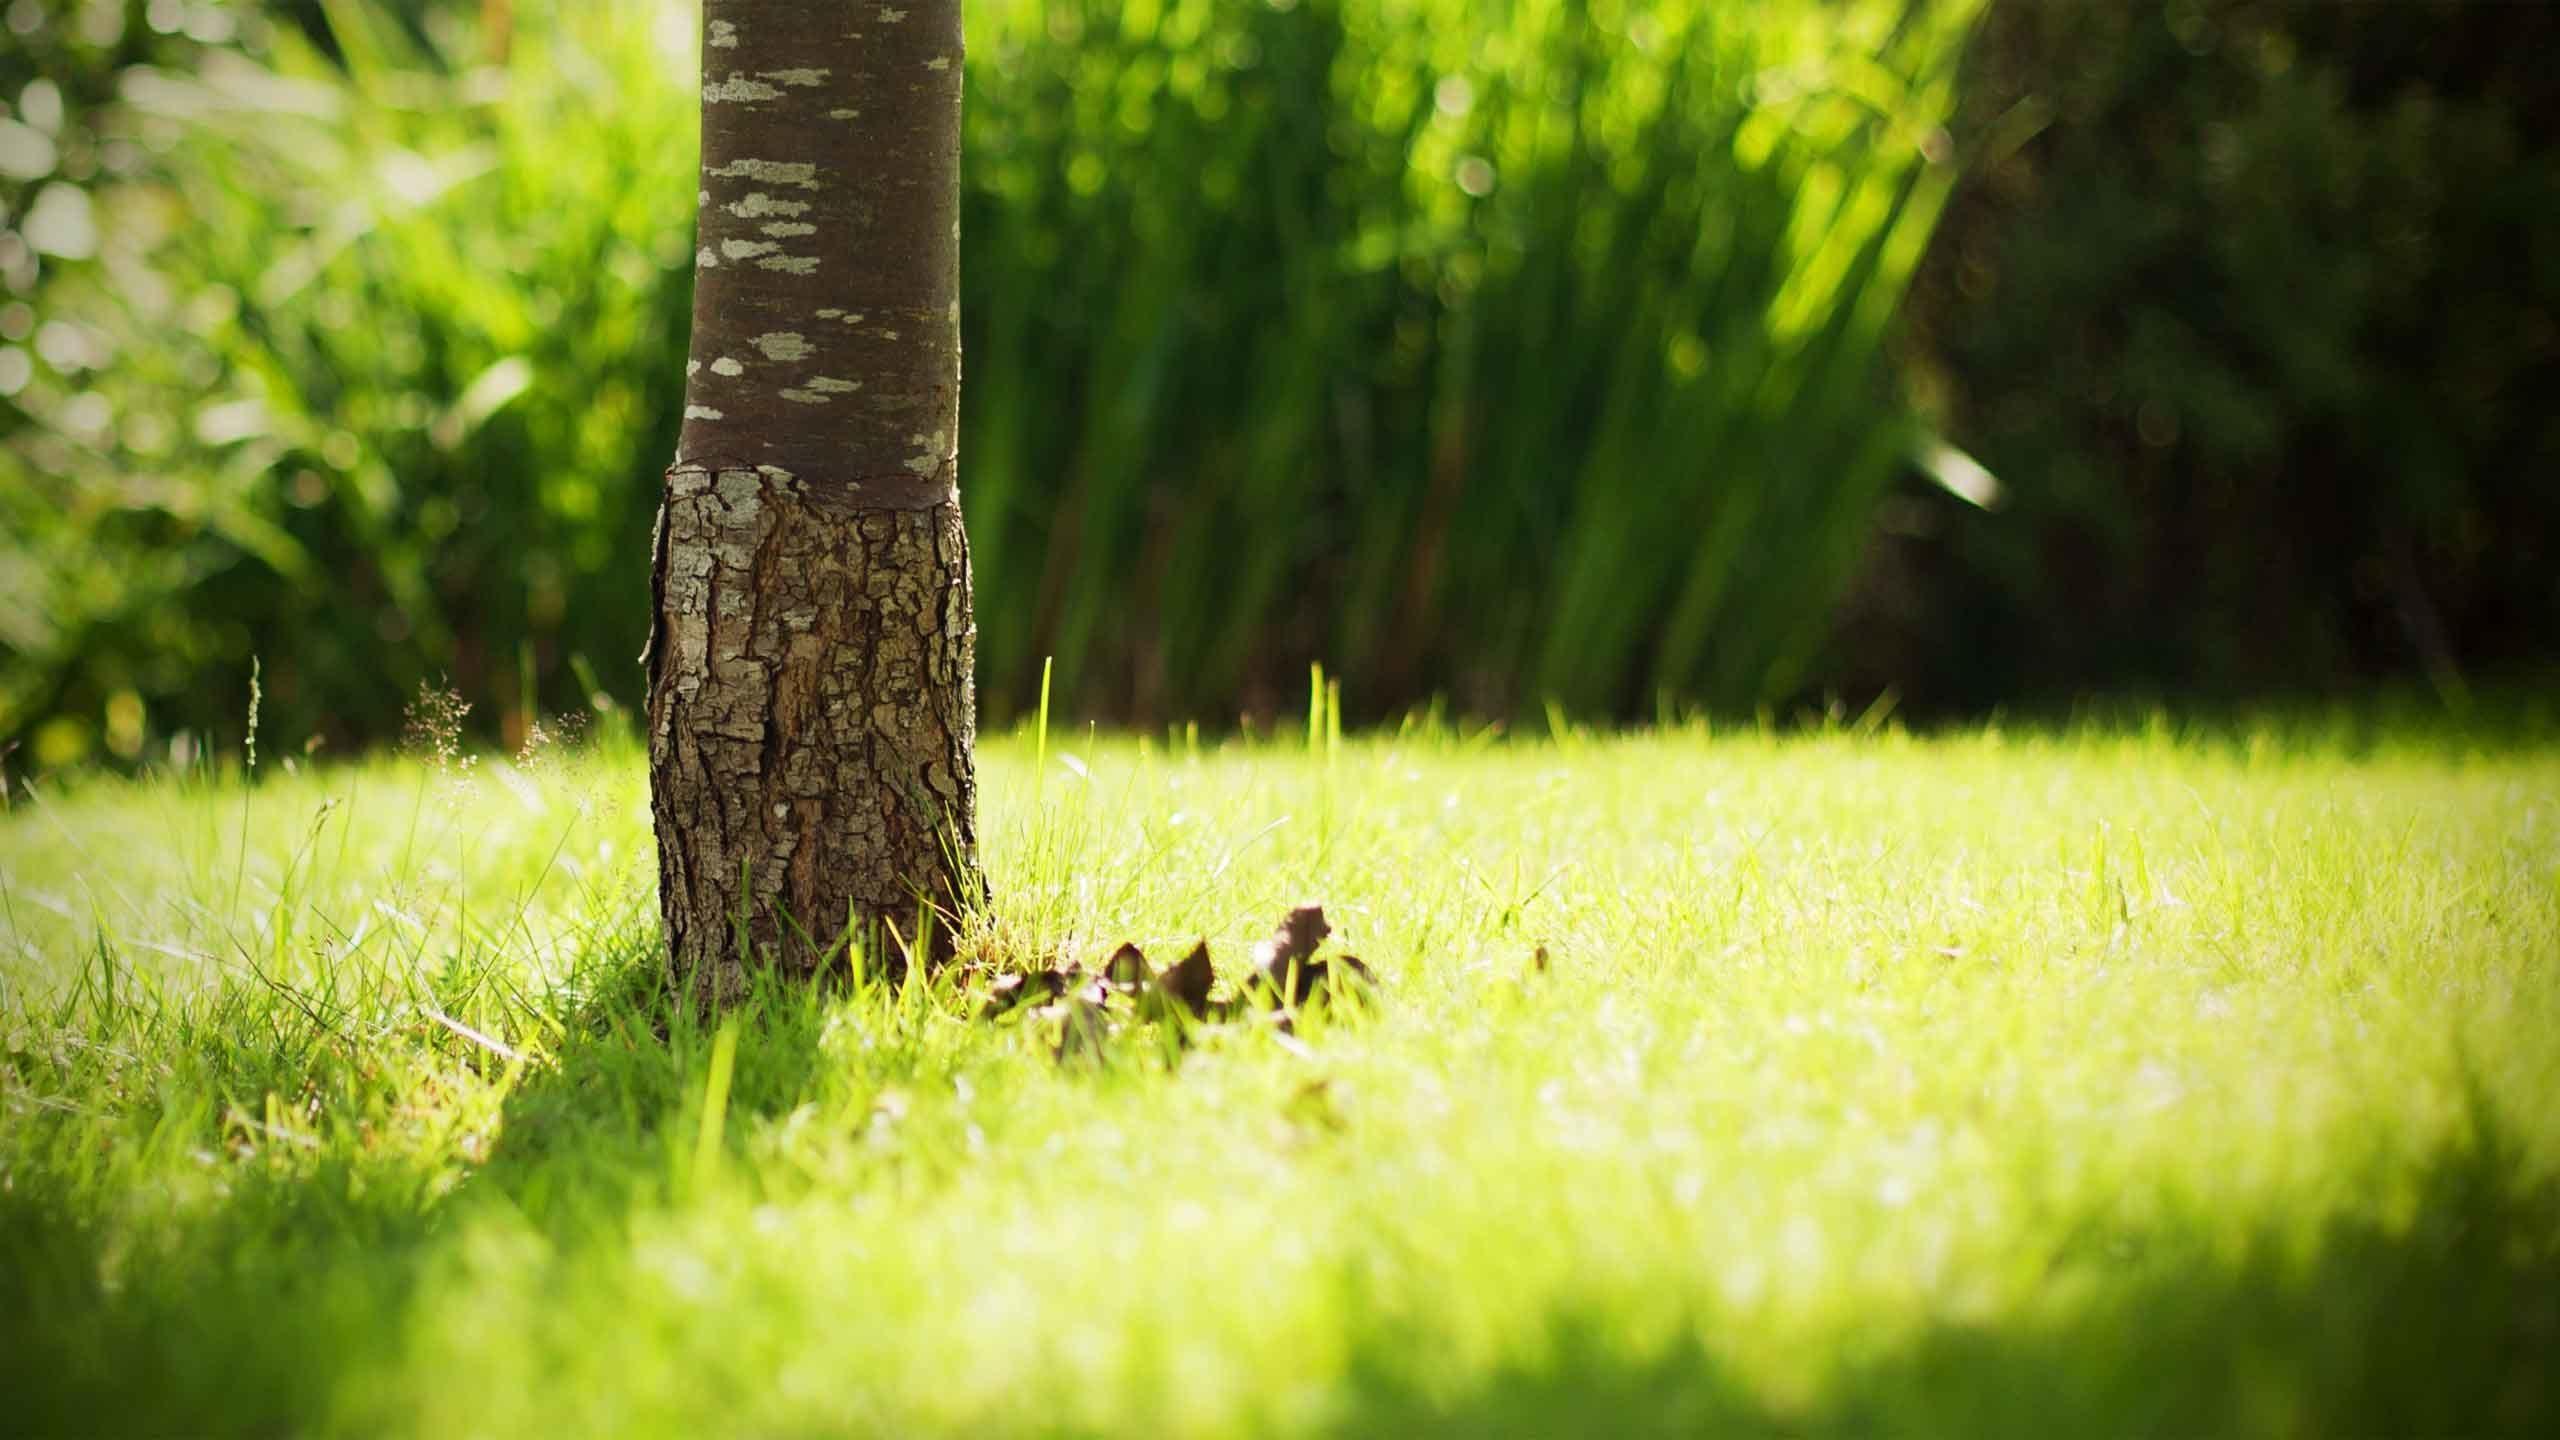 Tree desktop background - Nature wallpaper collection zip ...